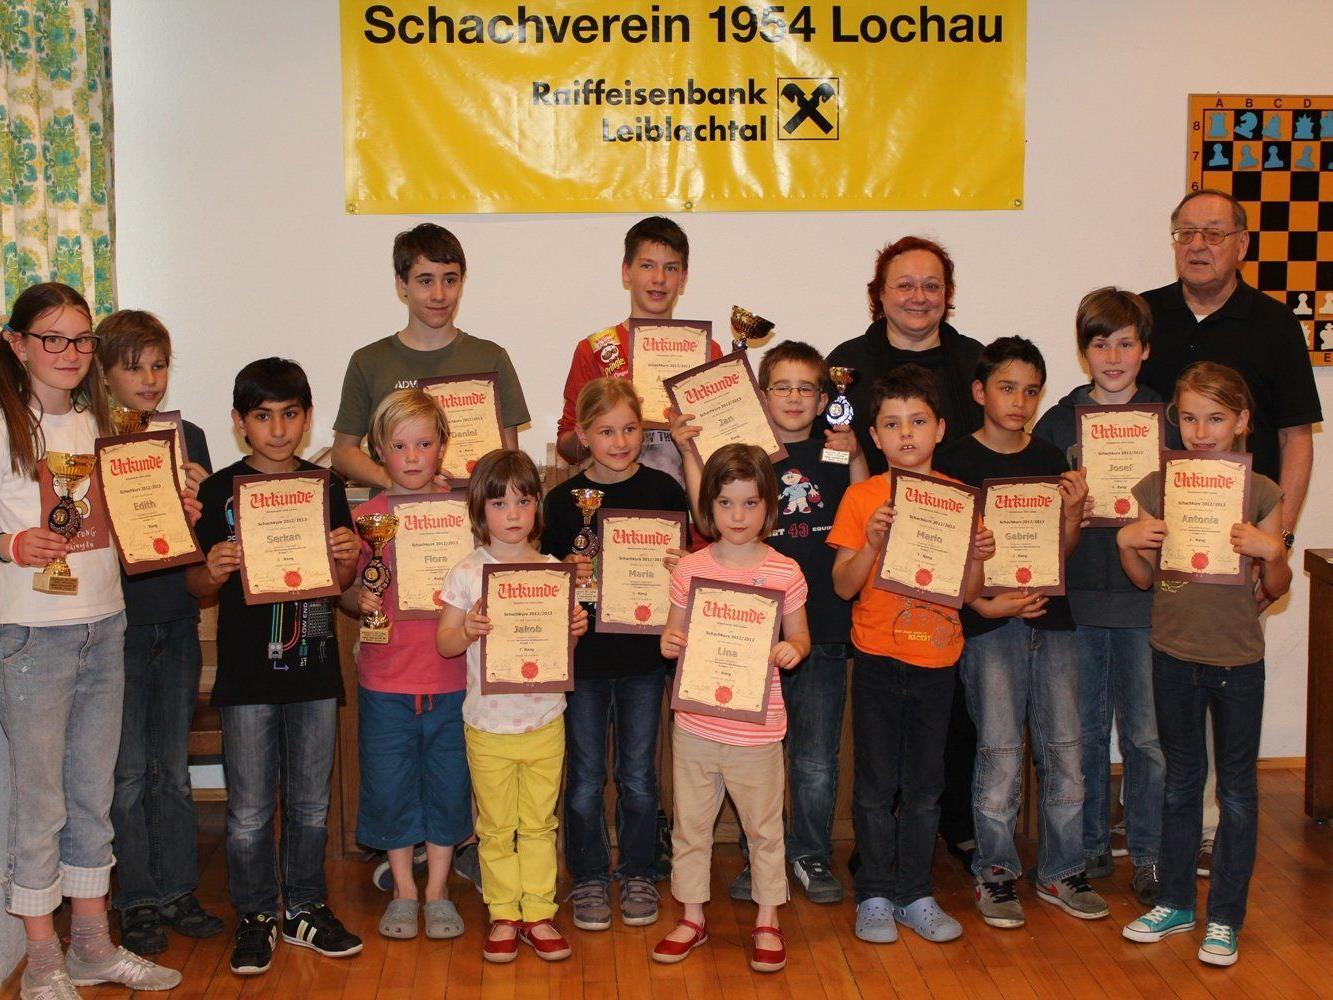 Der erfolgreiche Lochauer Schachnachwuchs mit Urkunden und Pokalen beim Siegerfoto nach dem großen Abschlussturnier.